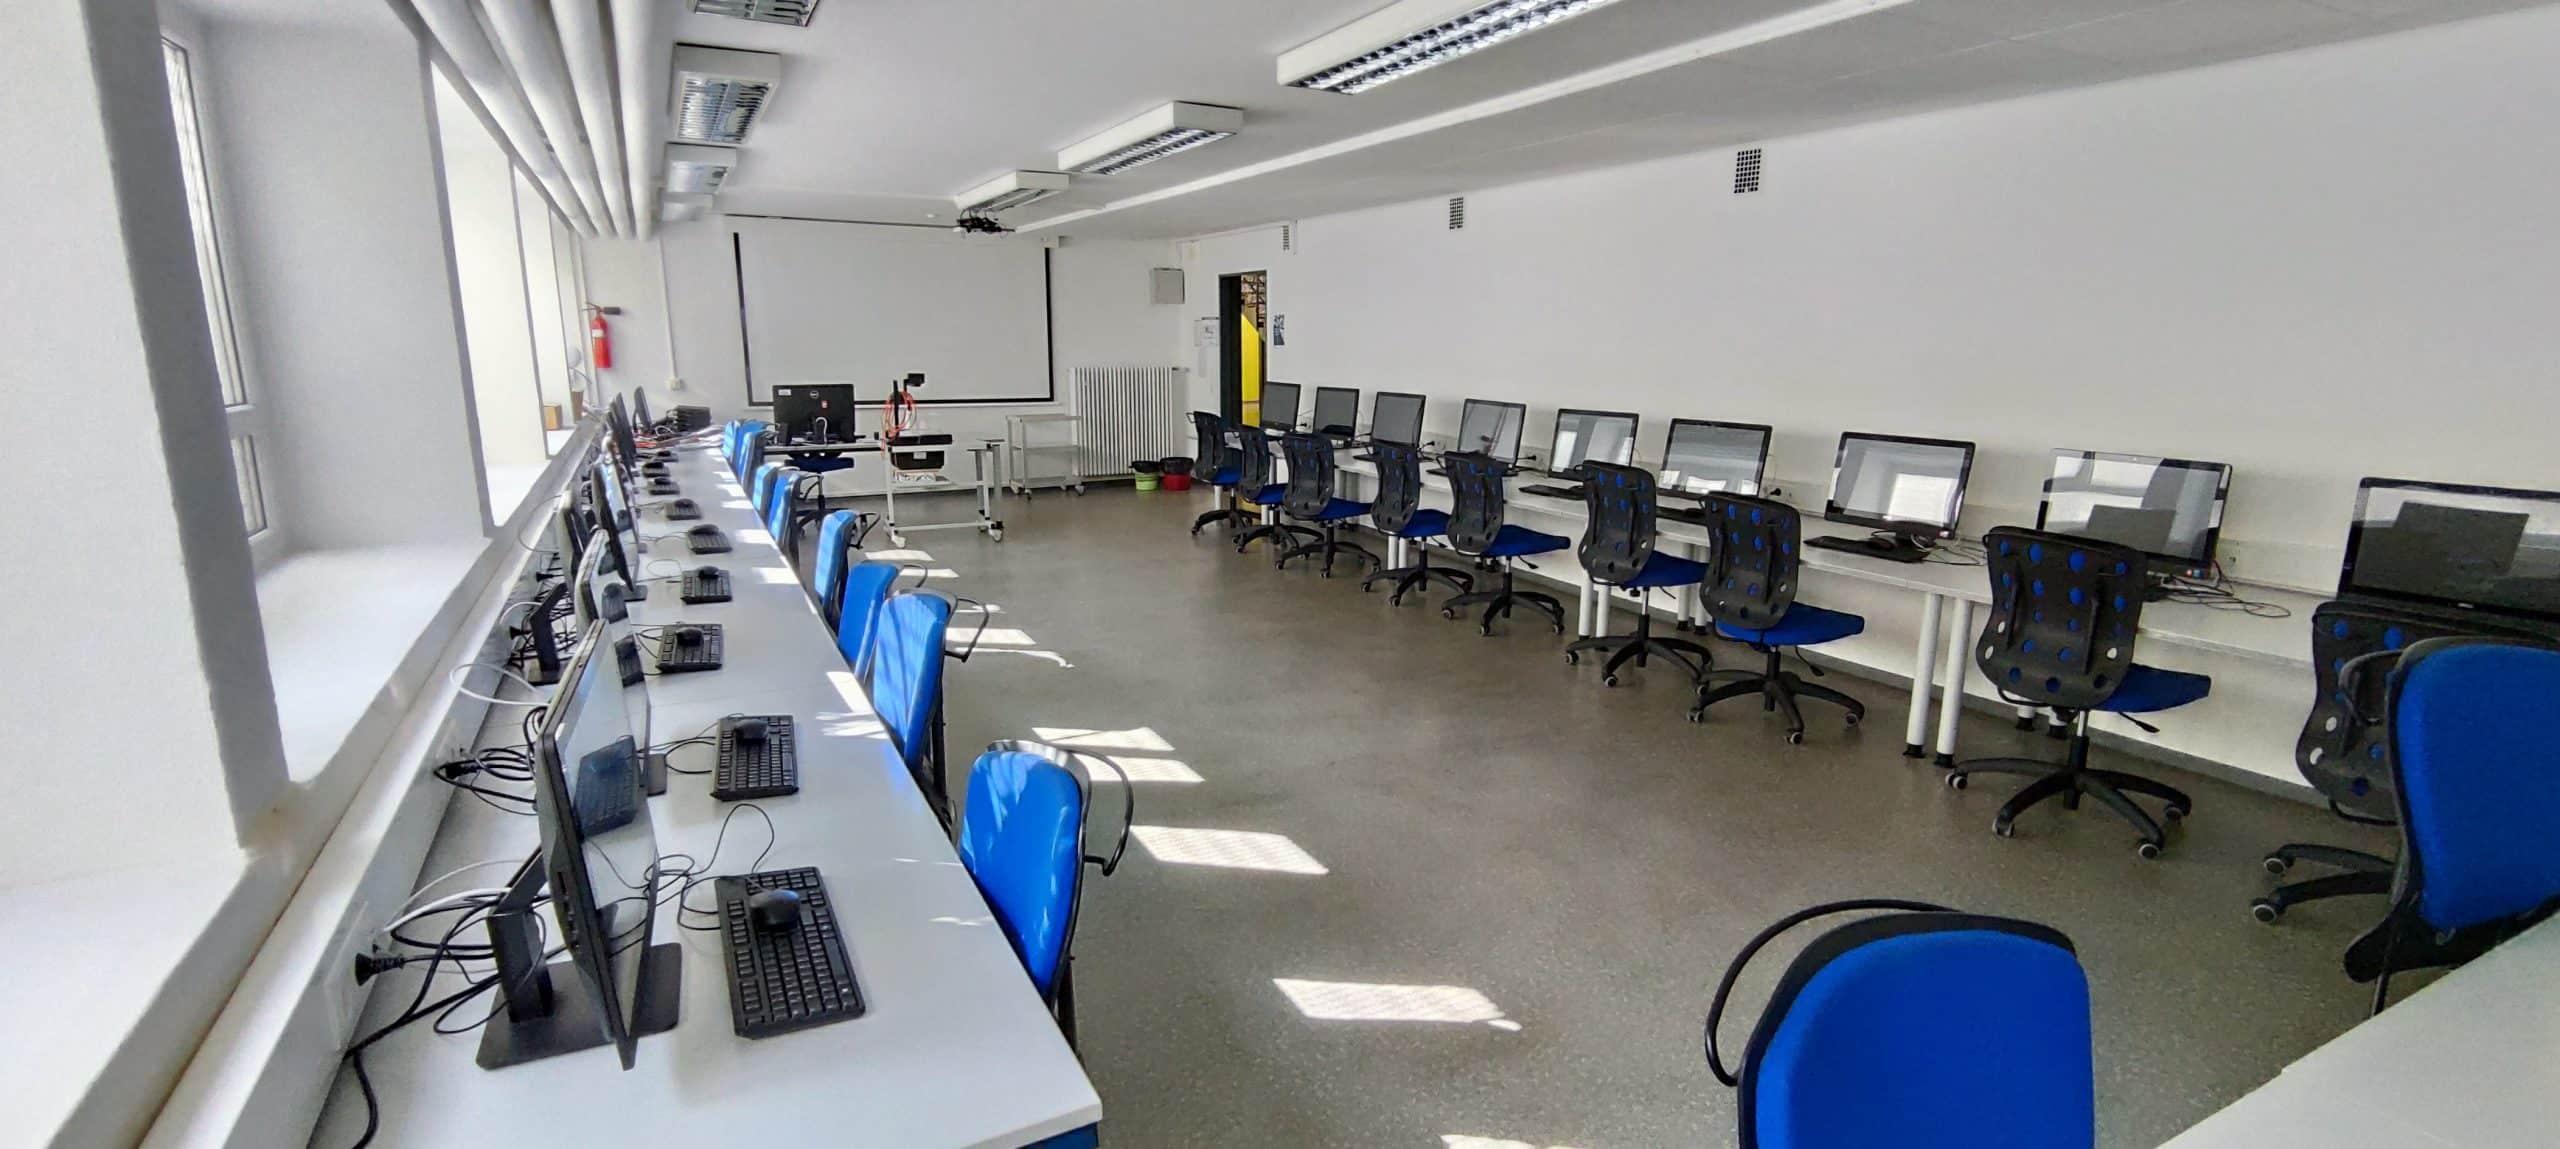 Dr. Zimmermannsche Wirtschaftsschule in Koblenz Computerraum mit All-in-One PCs im Untergeschoss